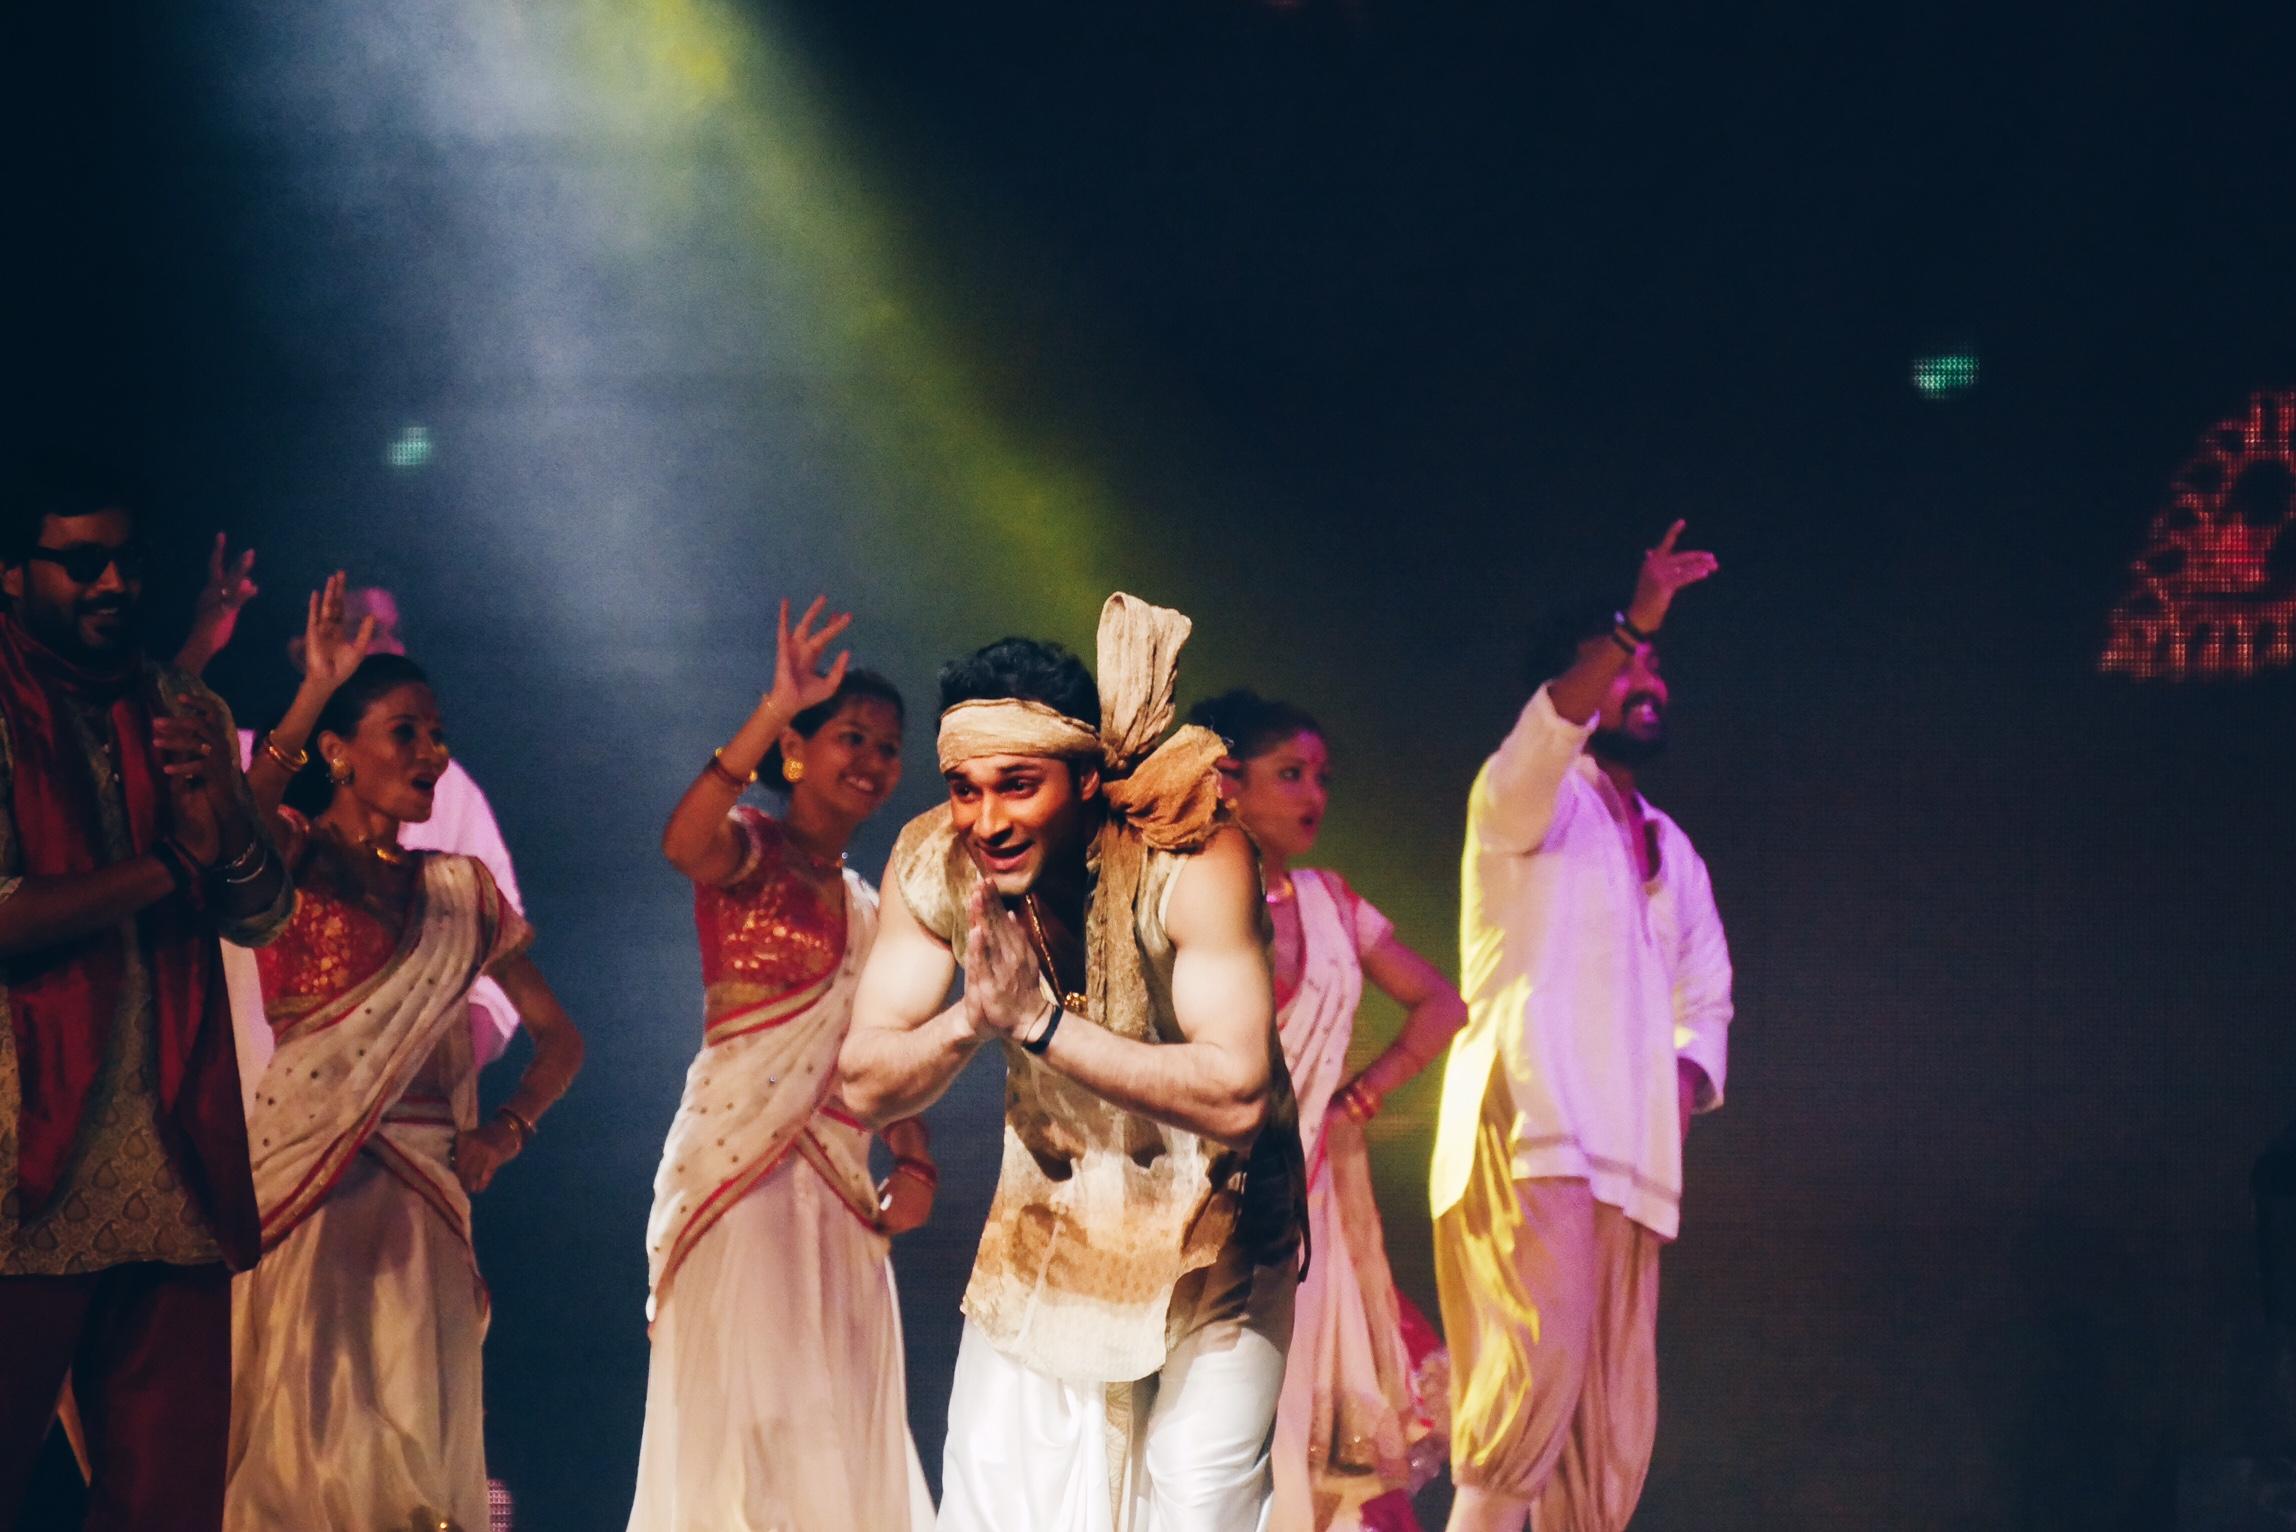 Bharati-2-spectacle-dans-le-palais-des-illusions-salut-grand-rex-paris-photo-usofparis-blog